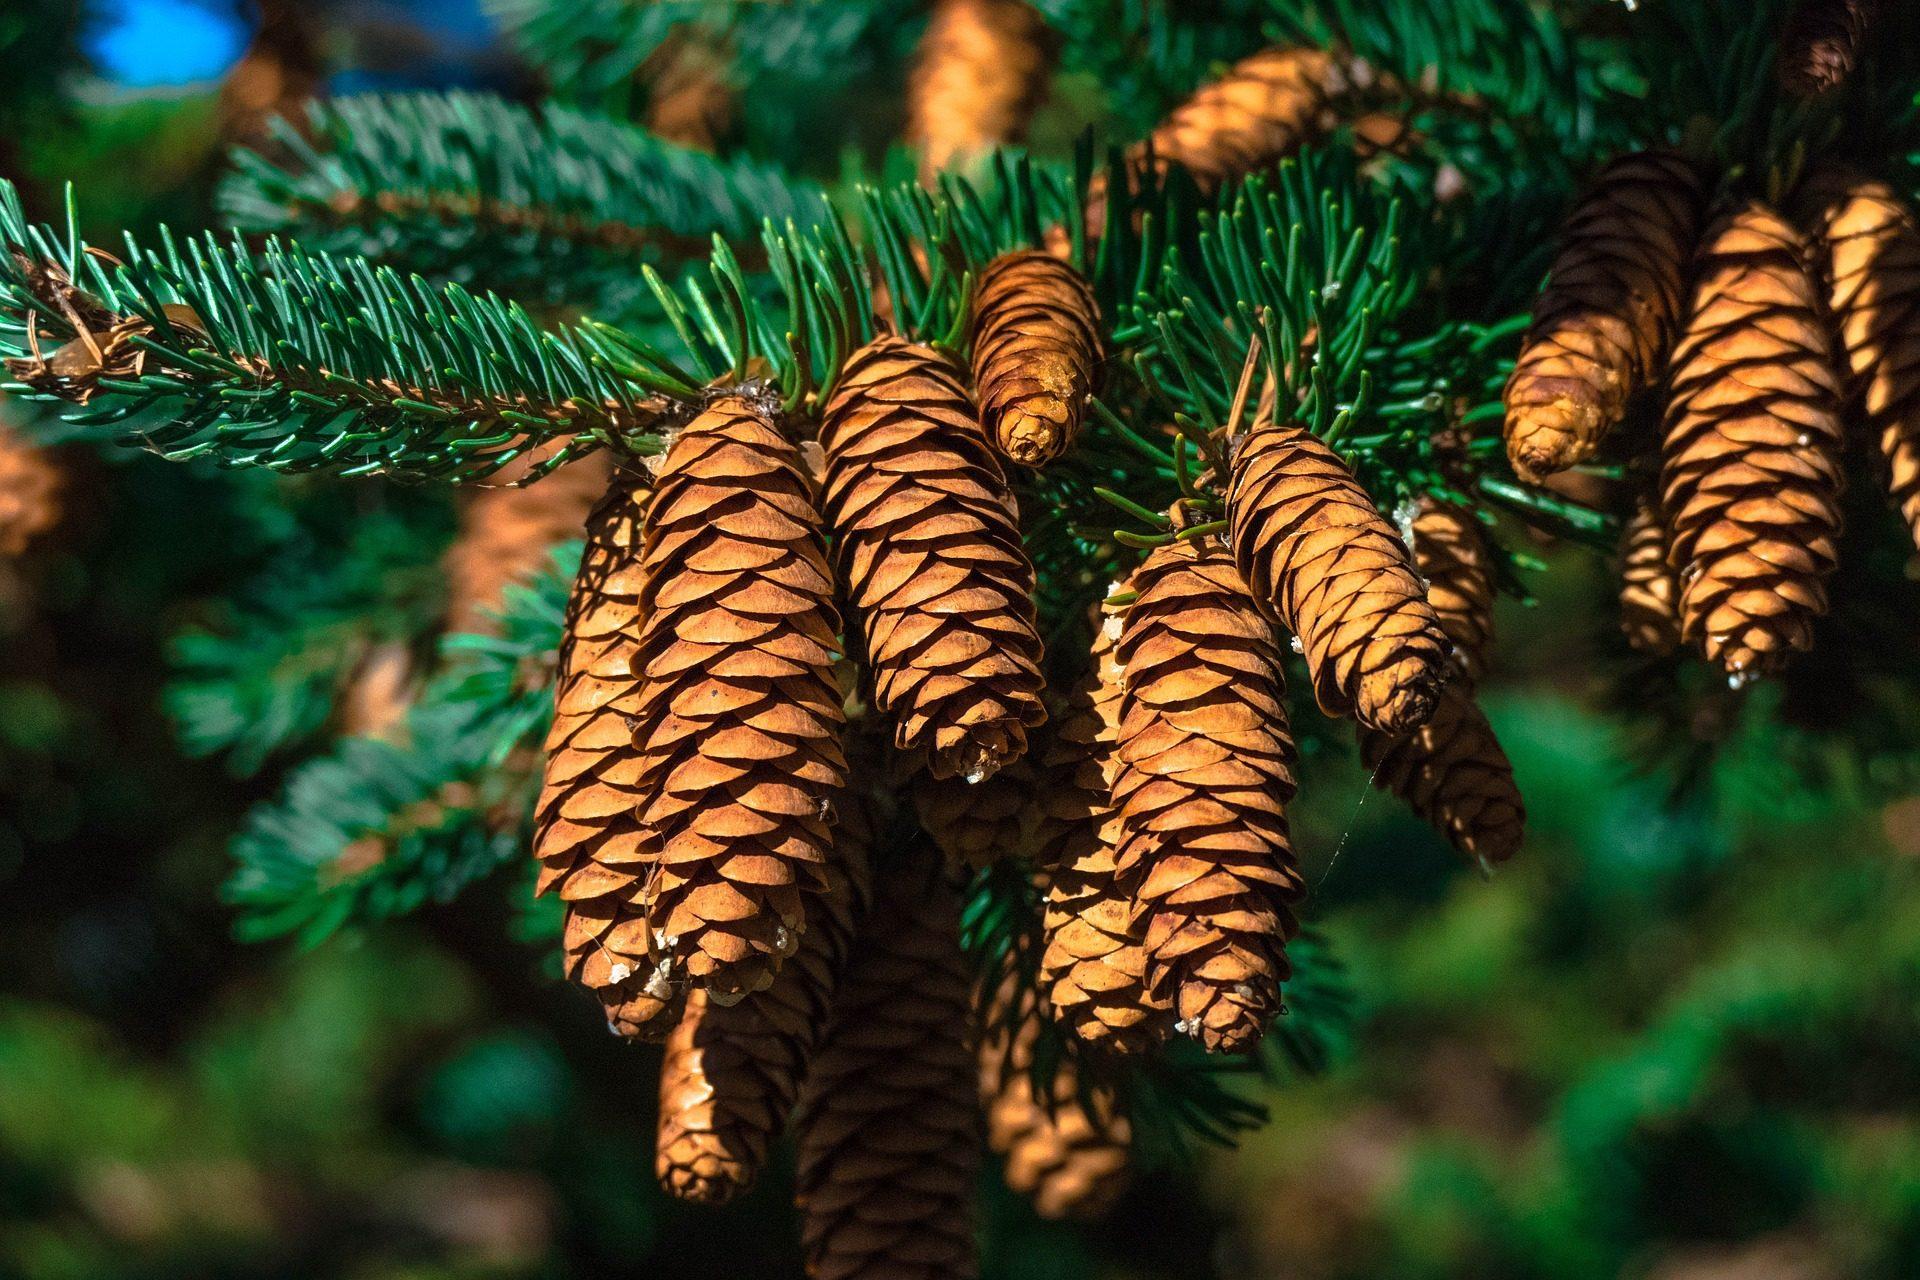 pinos, piñas, piñones, plantas, árboles - Fondos de Pantalla HD - professor-falken.com